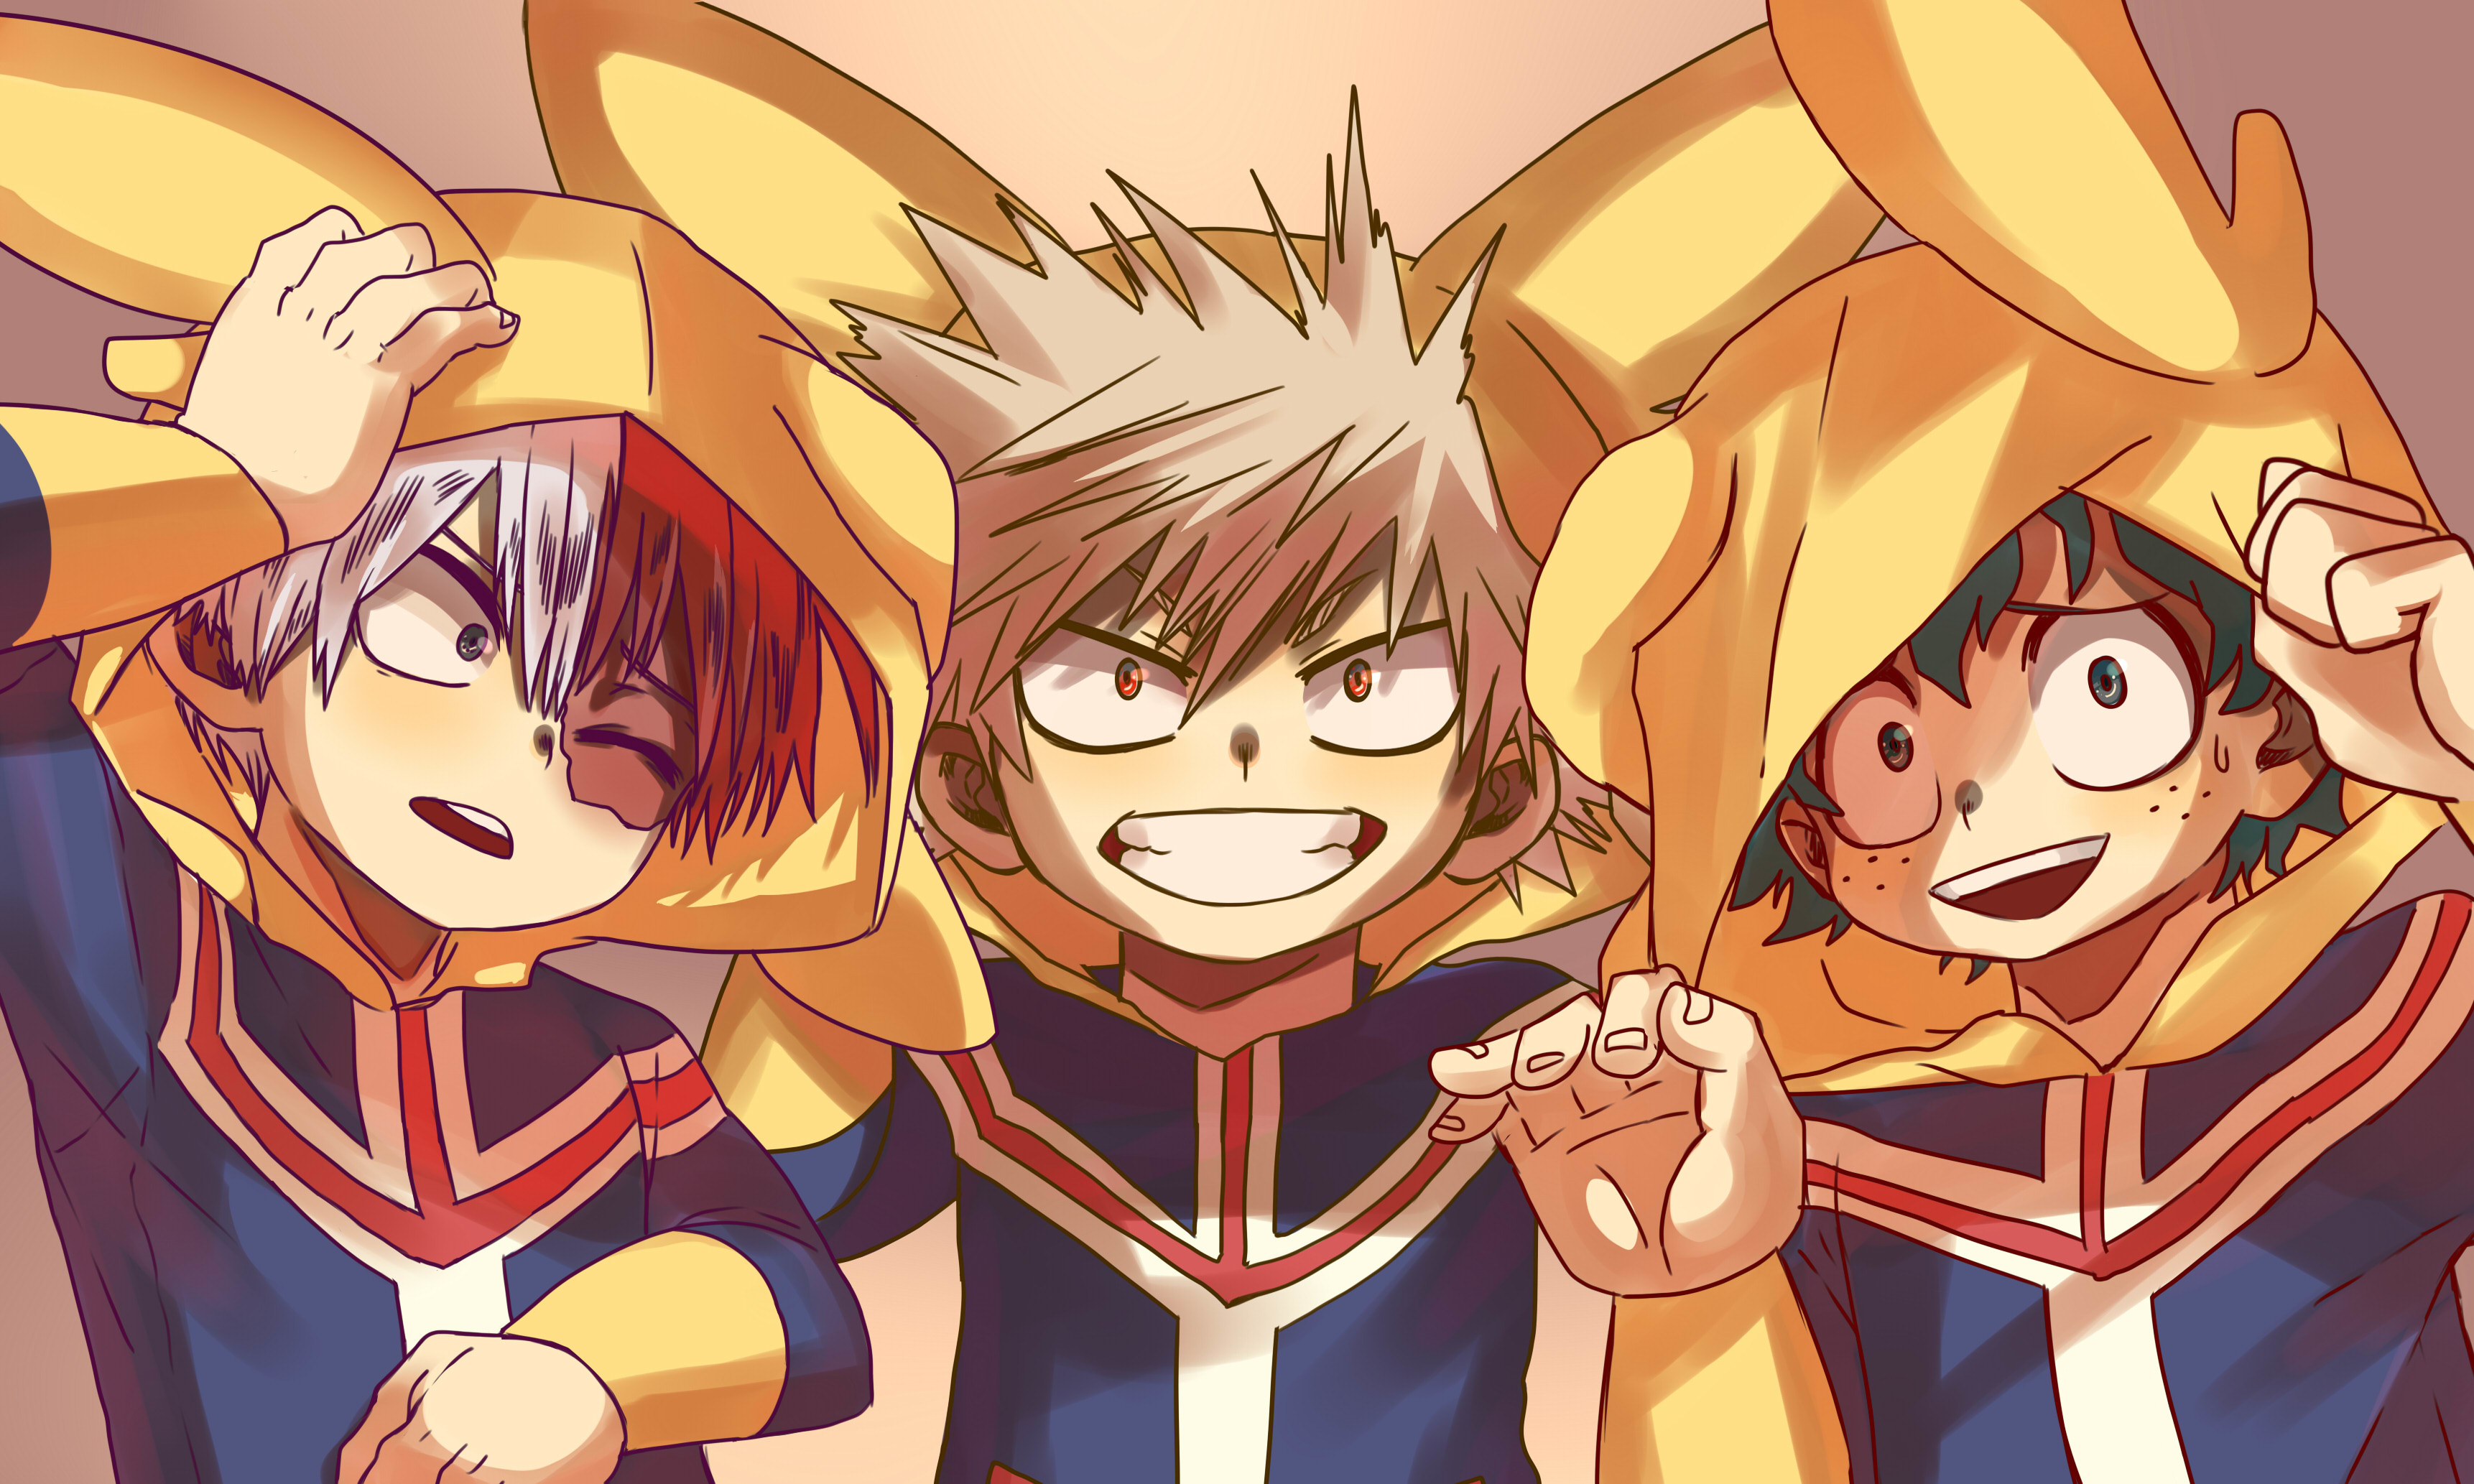 0902c147d77 1920x1200 Anime - My Hero Academia Izuku Midoriya Katsuki Bakugou Ochako  Uraraka Shouto Todoroki Tsuyu Asui